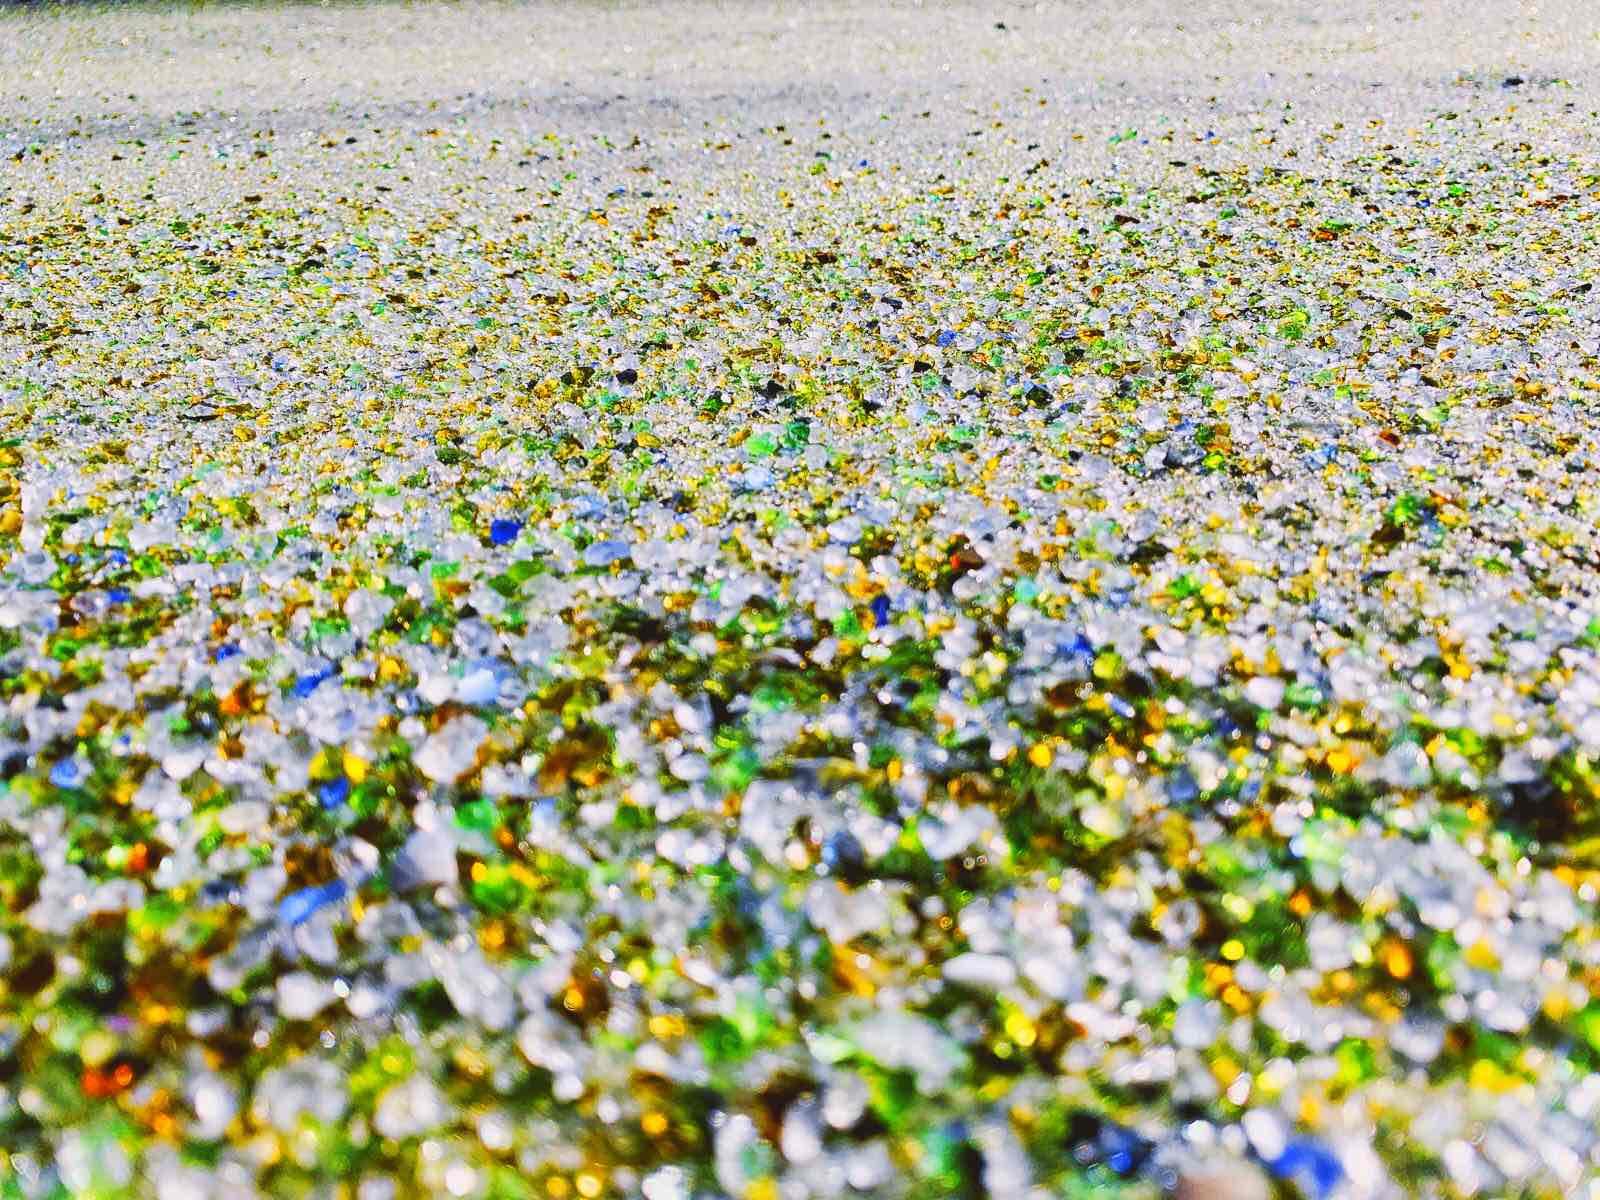 長崎空港すぐそばにキラキラ「シーグラス」の砂浜を発見!【大村市】